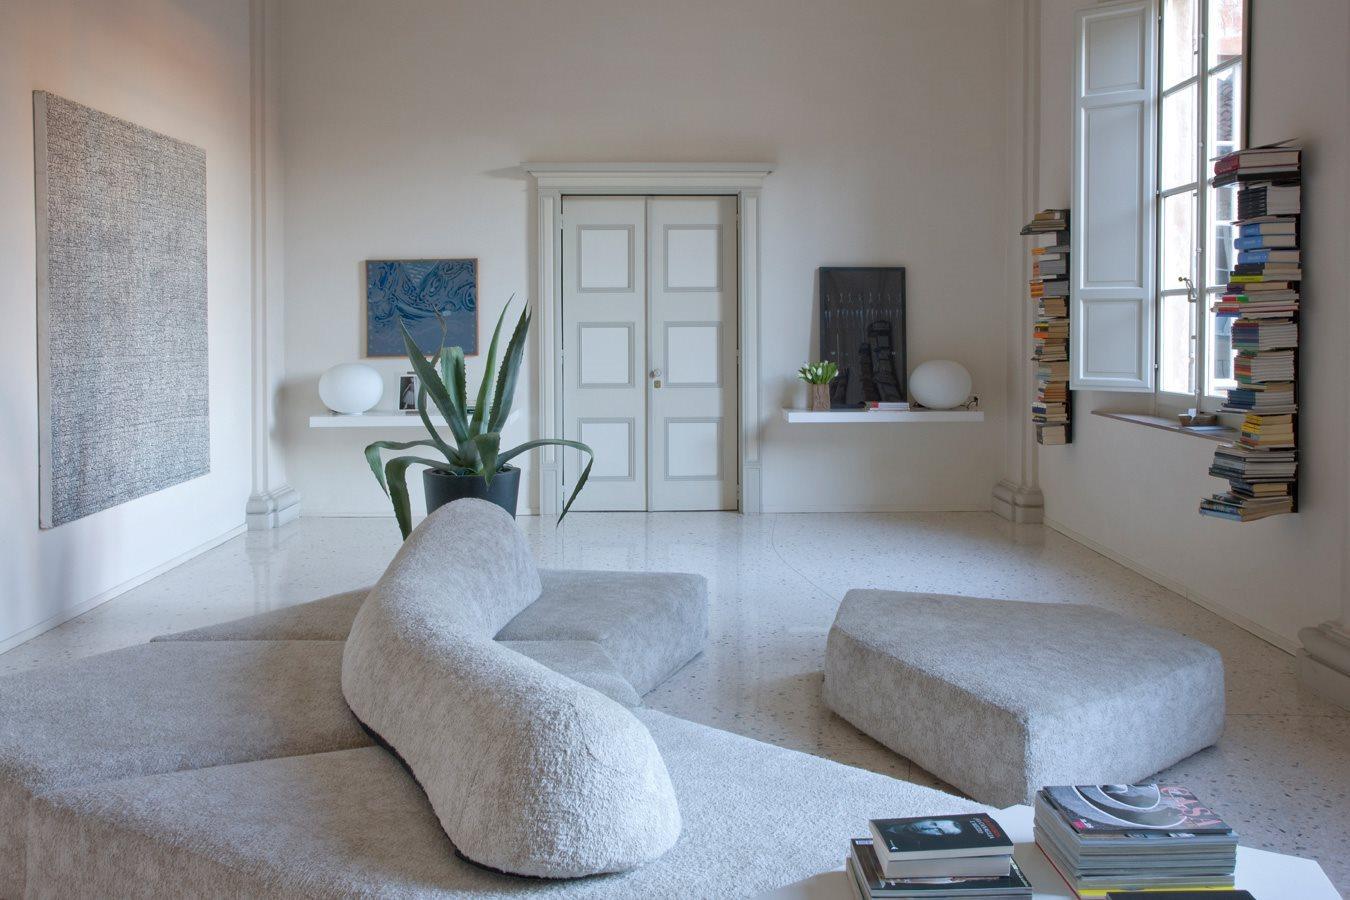 أريكة عصرية غريبة 7 الراحة والعصرية في تصميمات أرائك غريبة وغير تقليدية